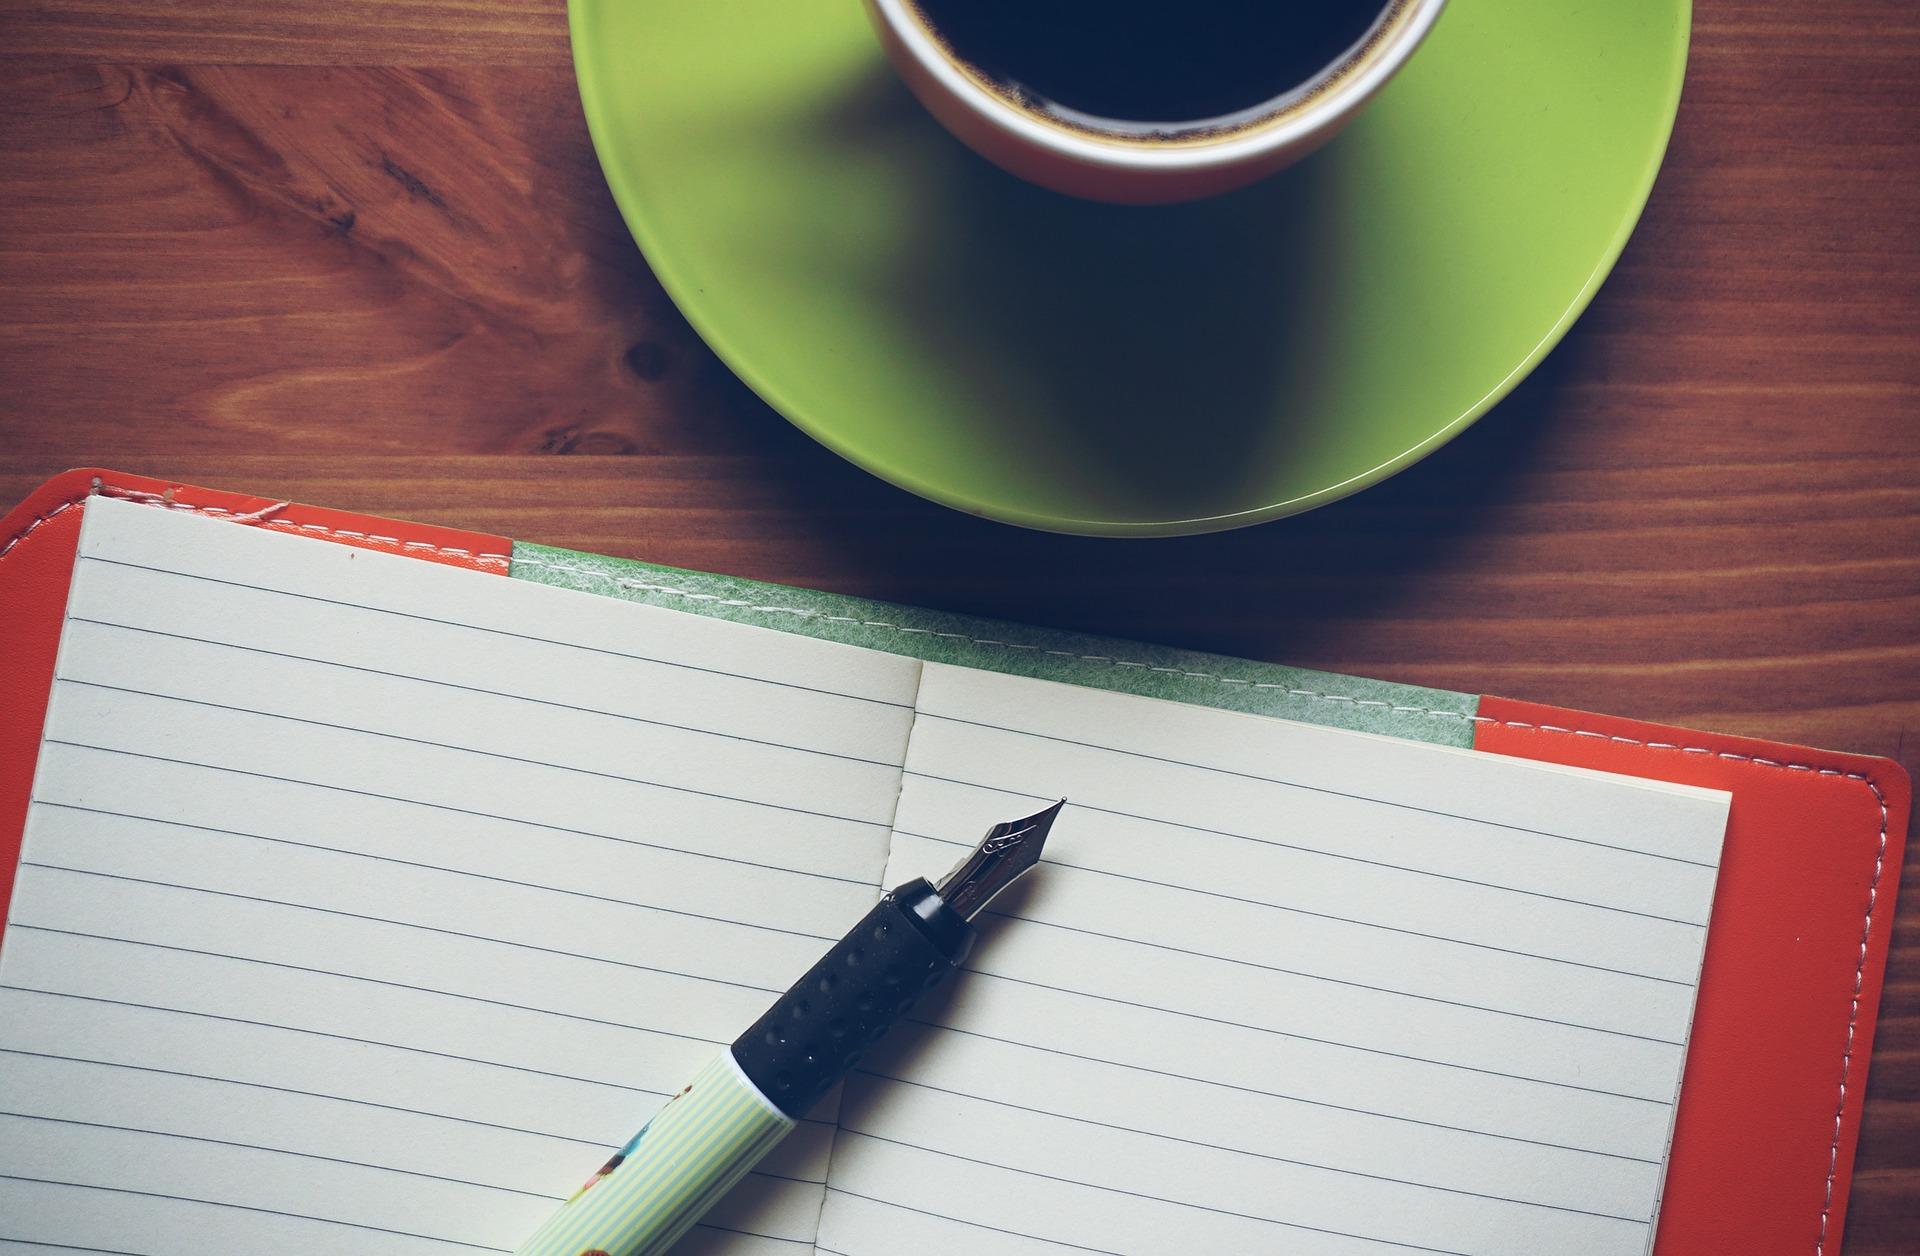 13 уроків для письменників-початківців від Малкольма Гладуелла - news, people